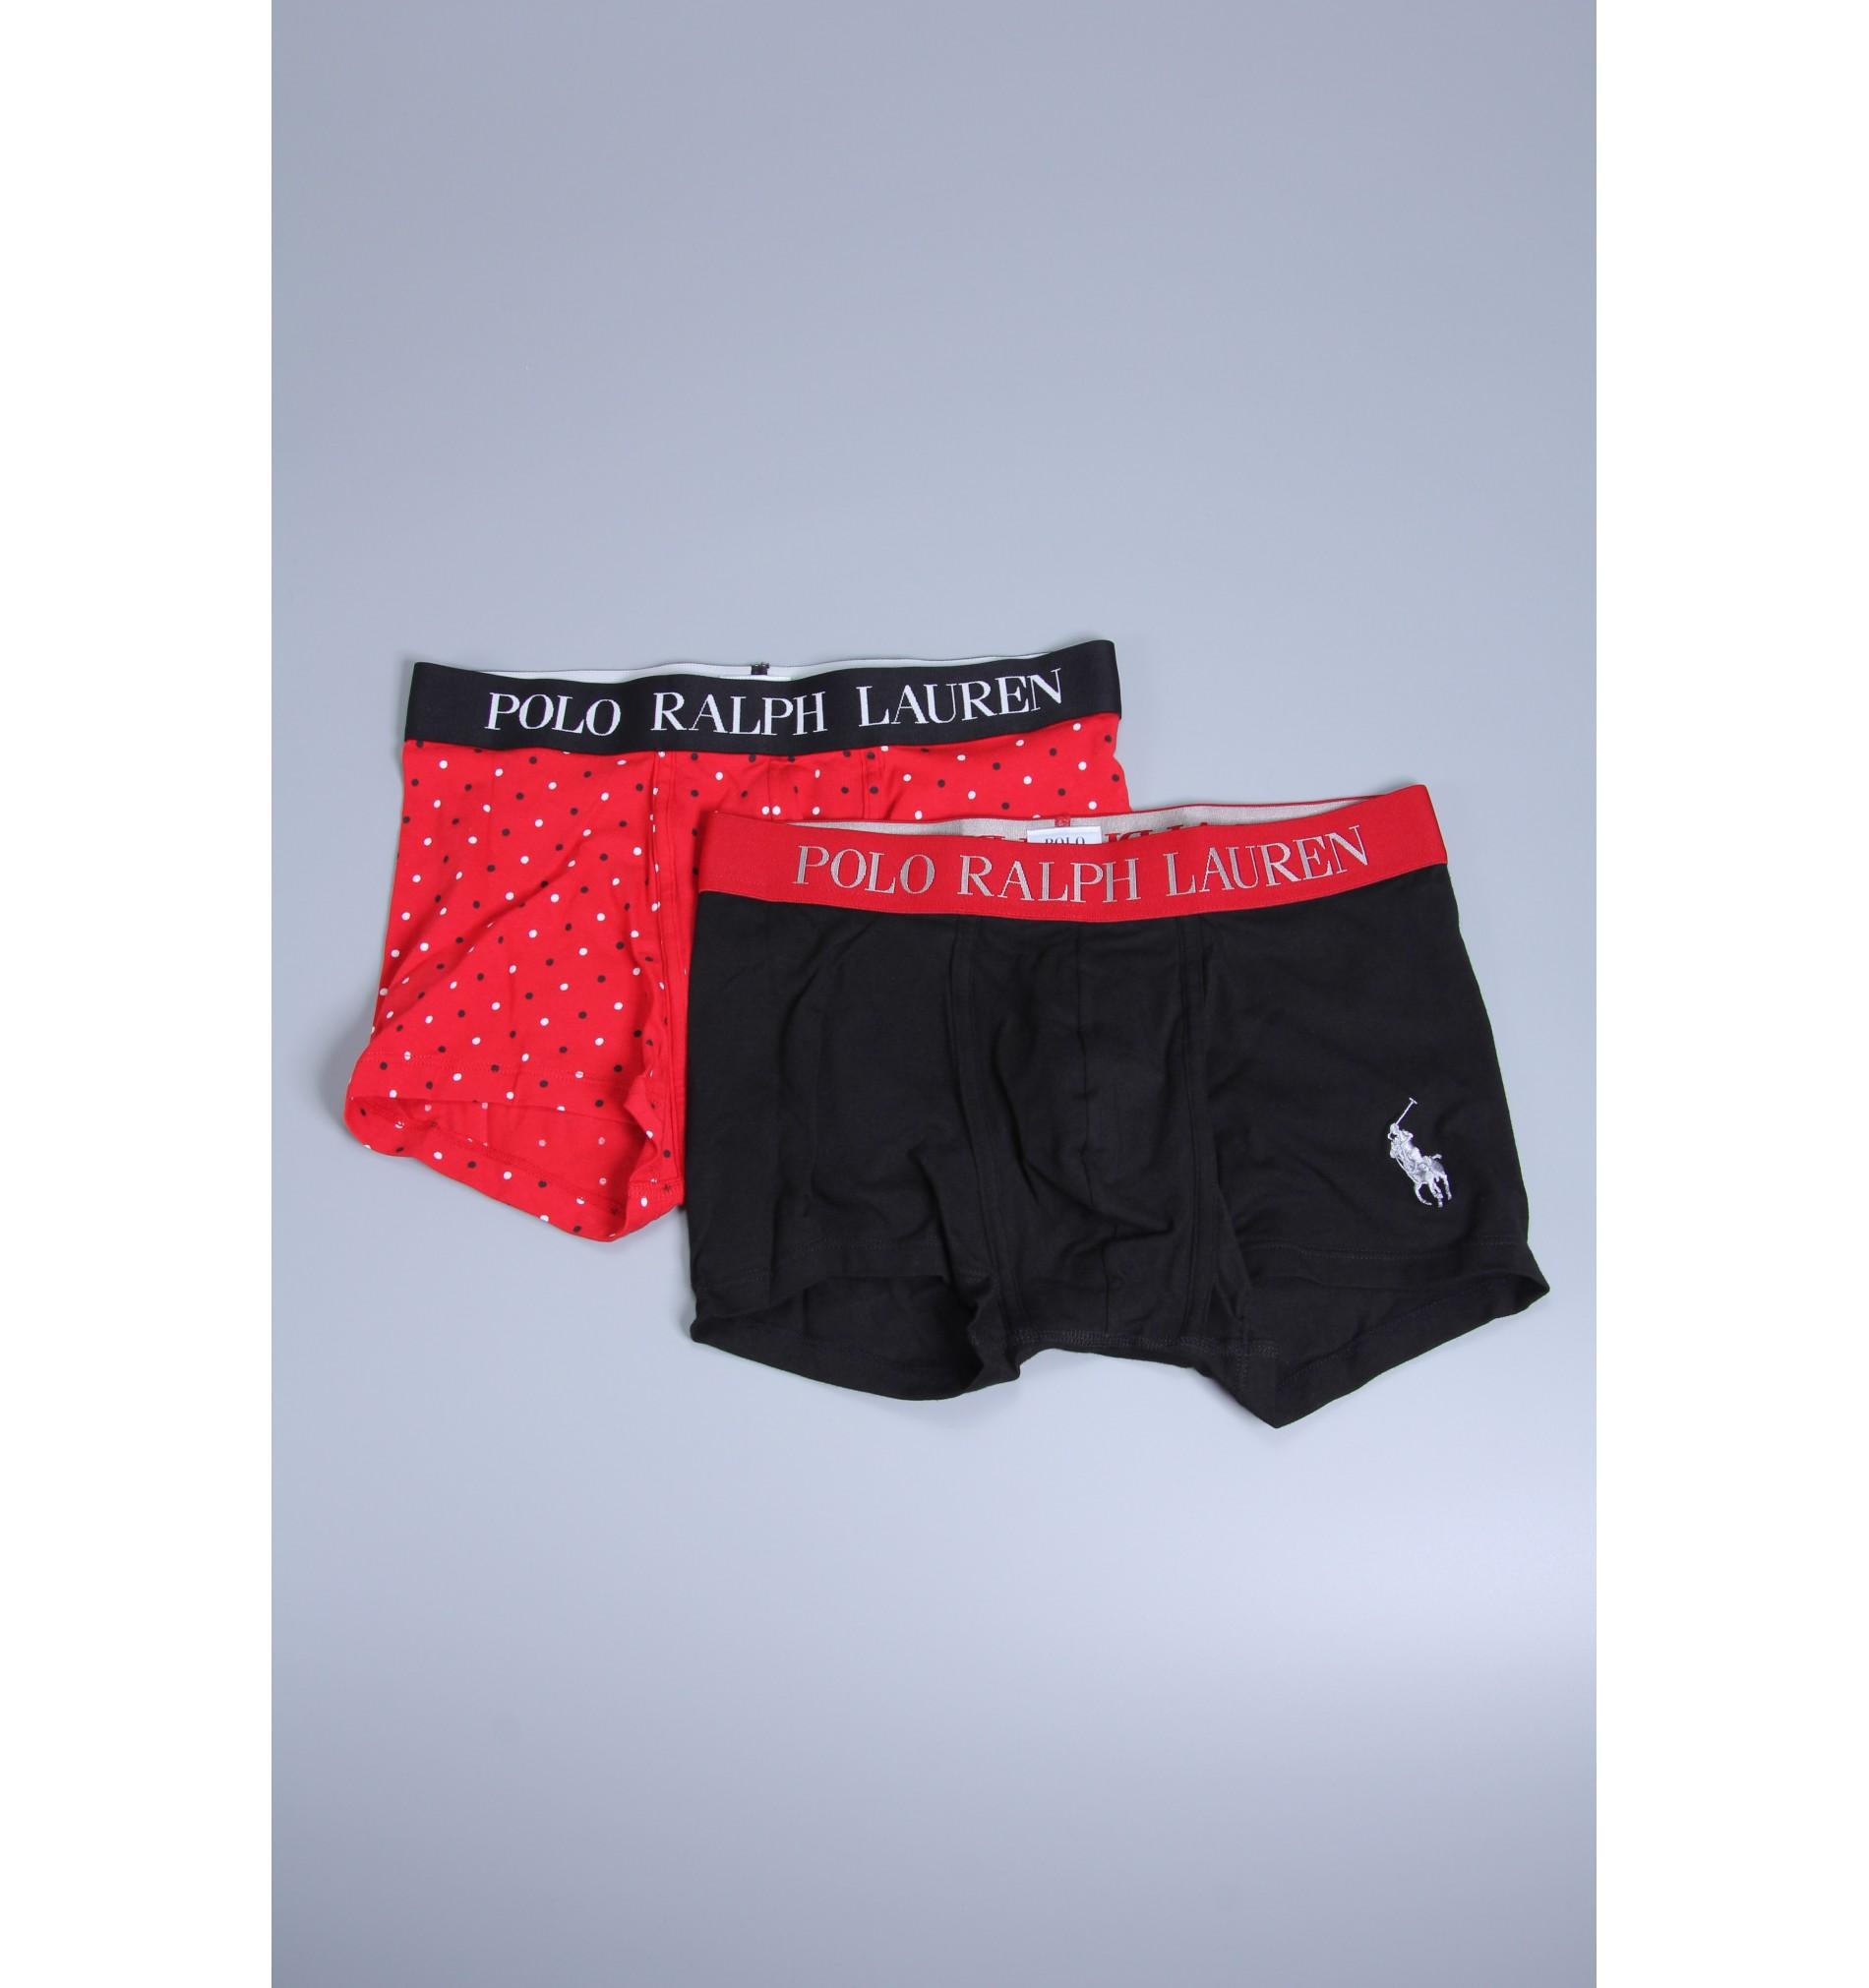 Polo boxerky - 2PACK čierna,červená  002  '714665558-002'